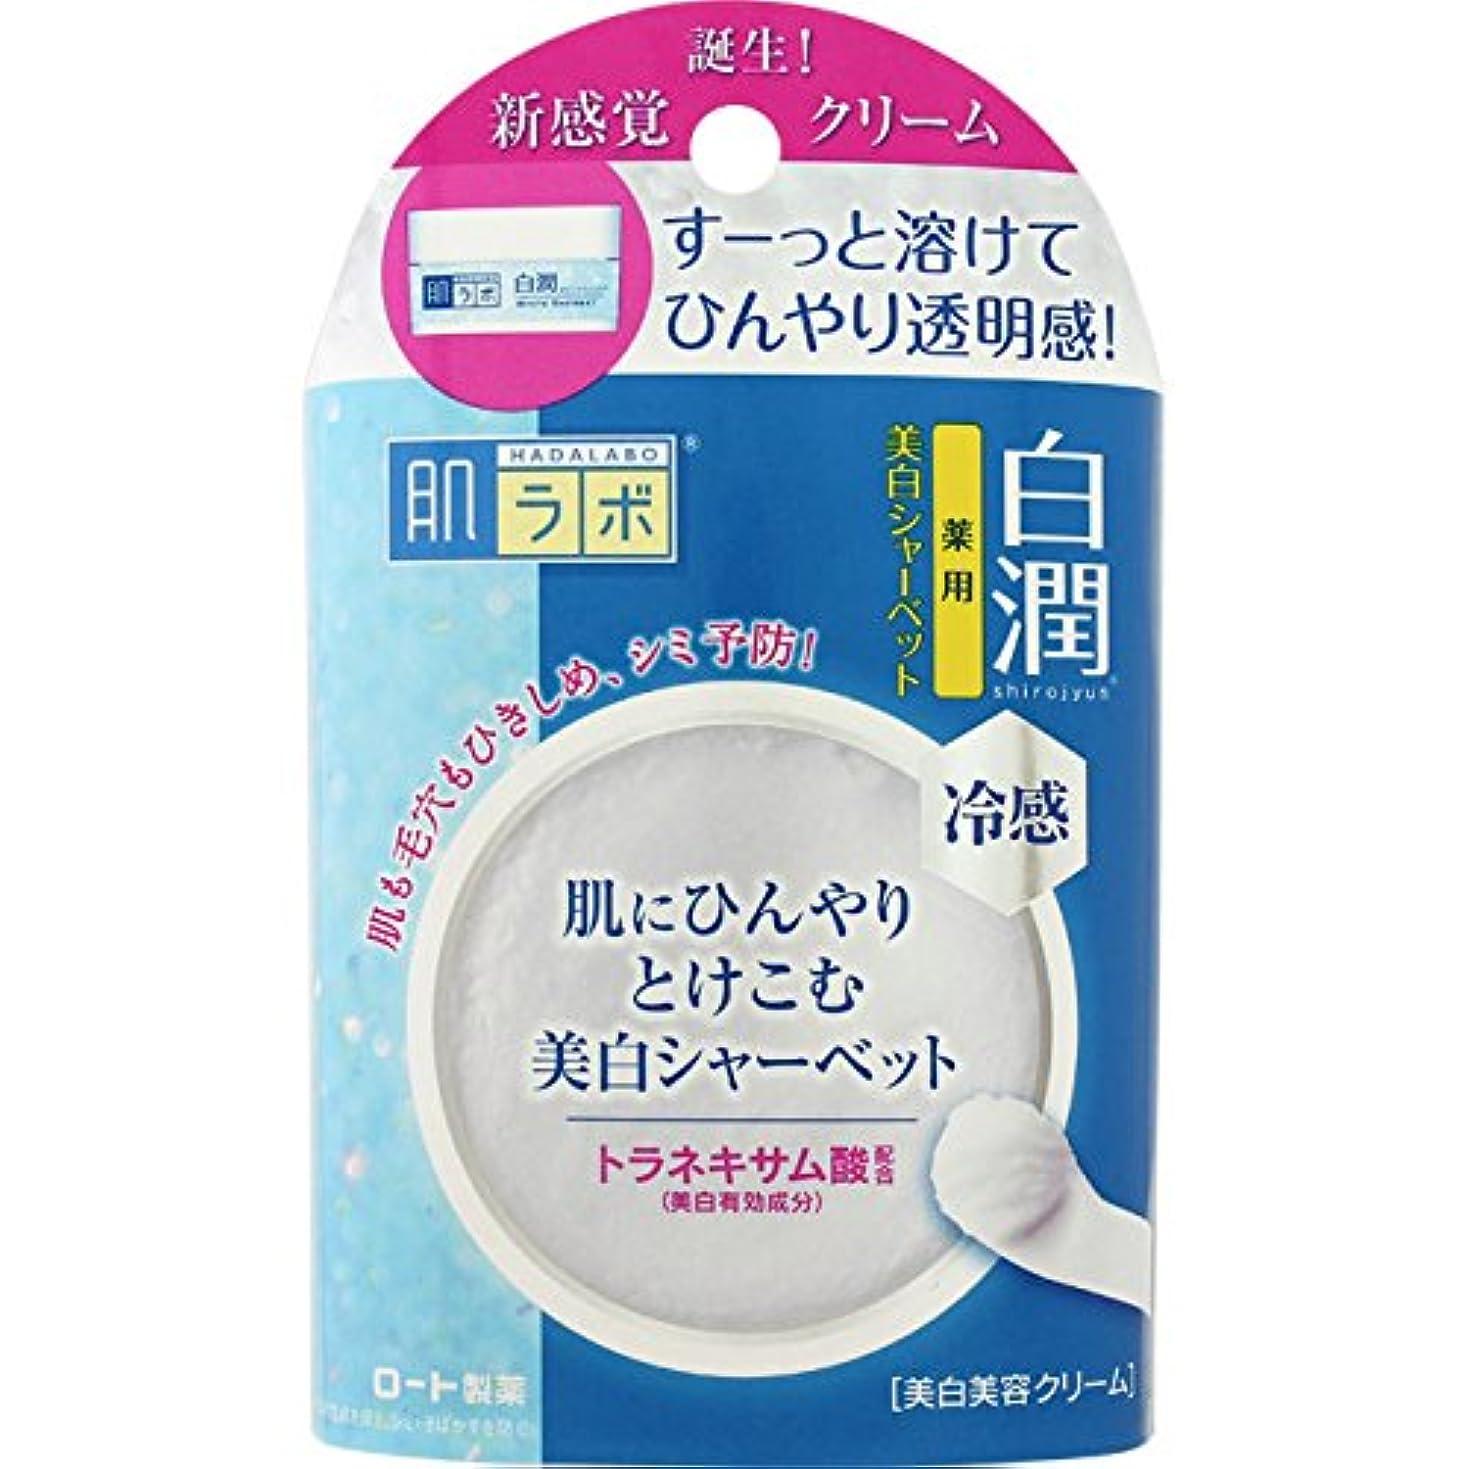 品集中浴【医薬部外品】肌ラボ 白潤 トラネキサム酸配合 ひんやり冷感美白シャーベット 30g